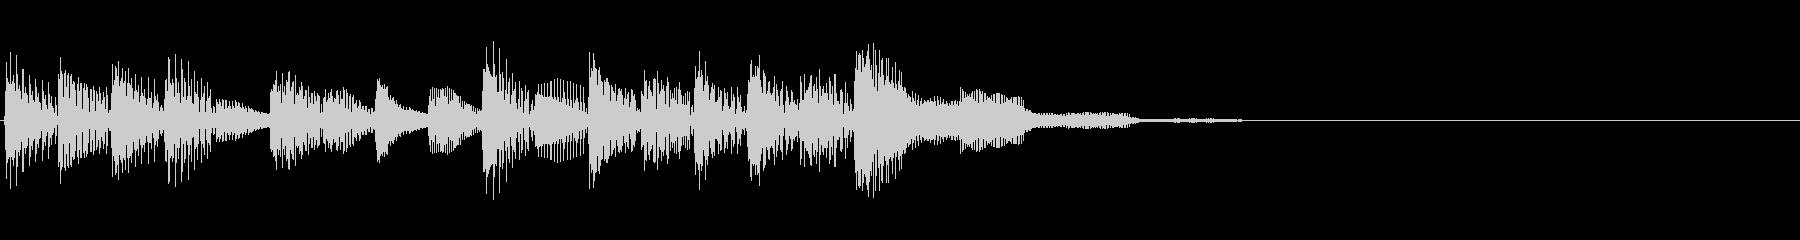 マリンバが印象的ポップなジングル 電子音の未再生の波形